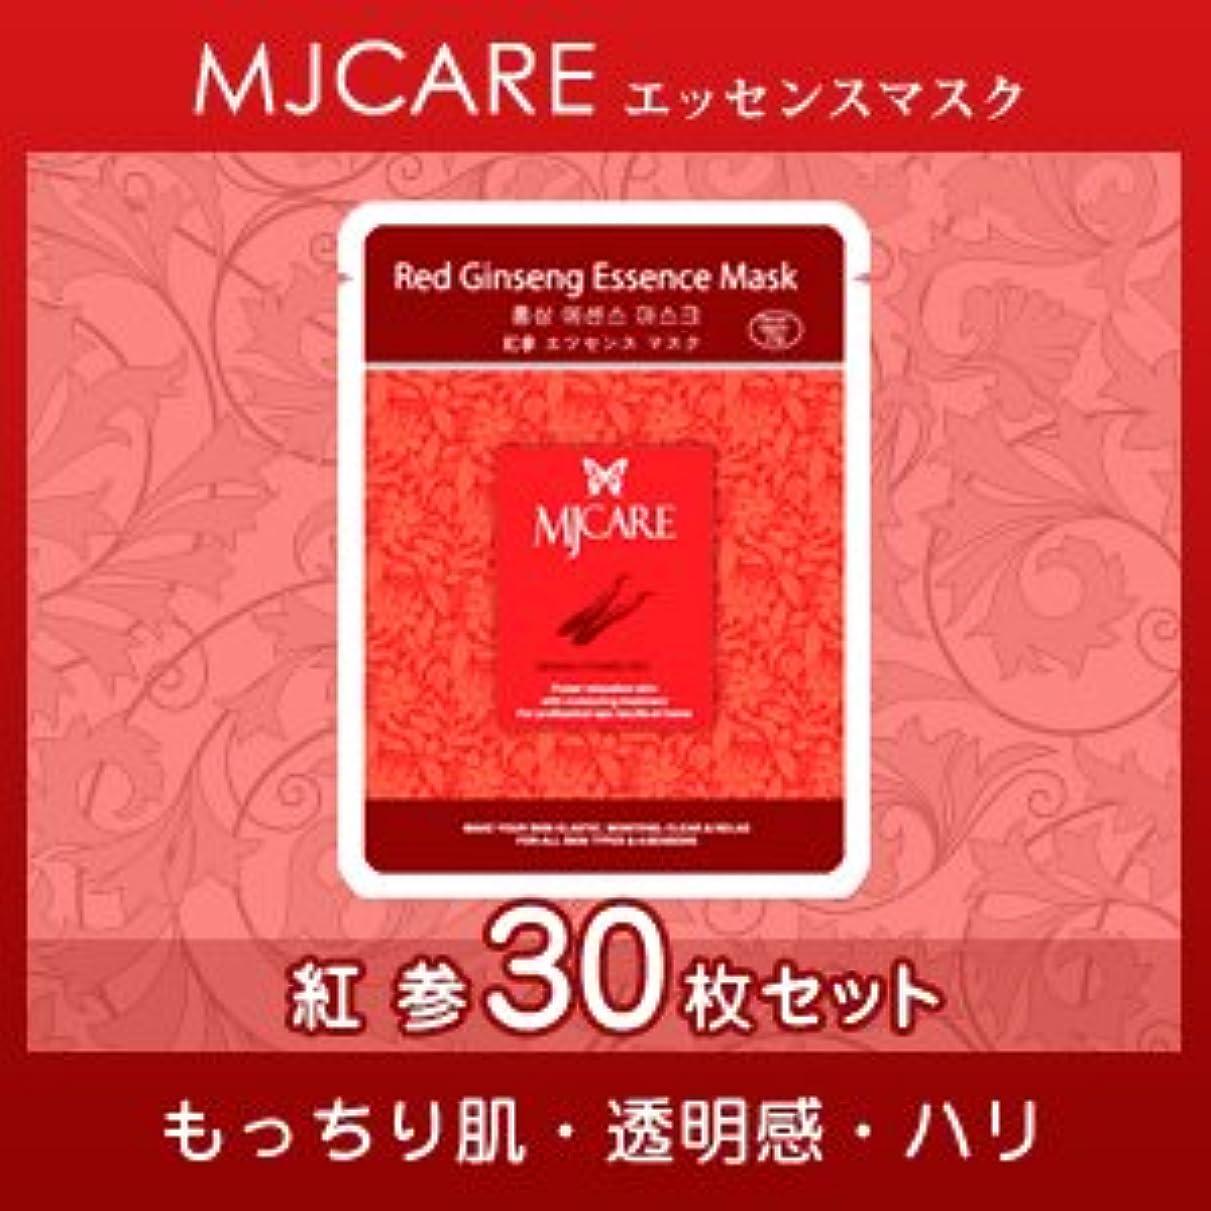 抜本的なコンデンサーさようならMJCARE (エムジェイケア) 紅参 エッセンスマスク 30セット